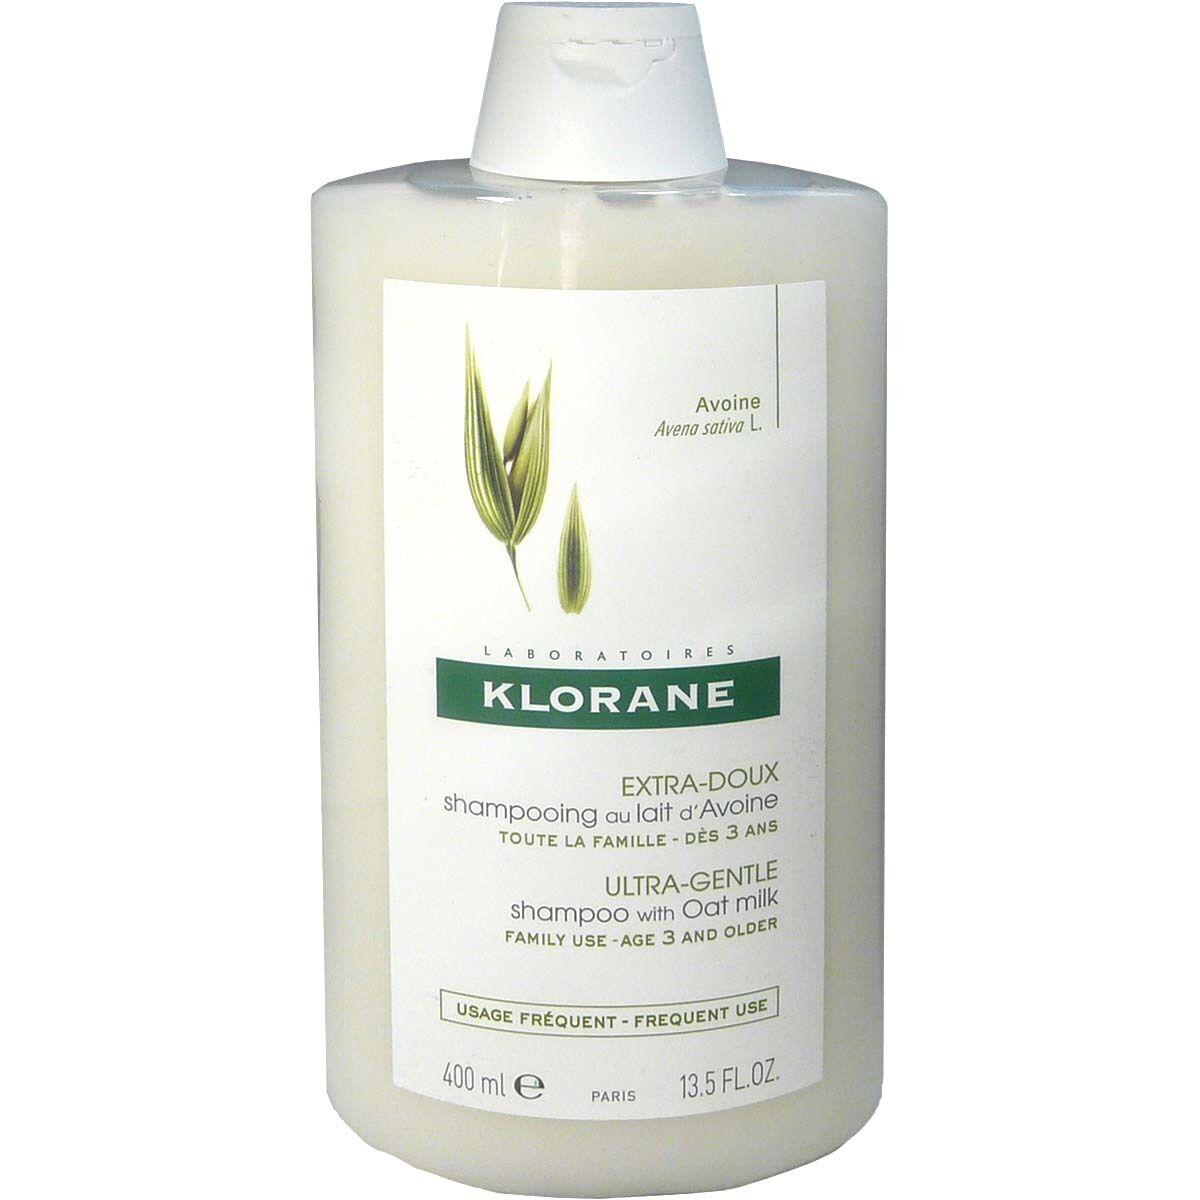 Klorane shampooing au lait d'avoine extra-doux 400ml